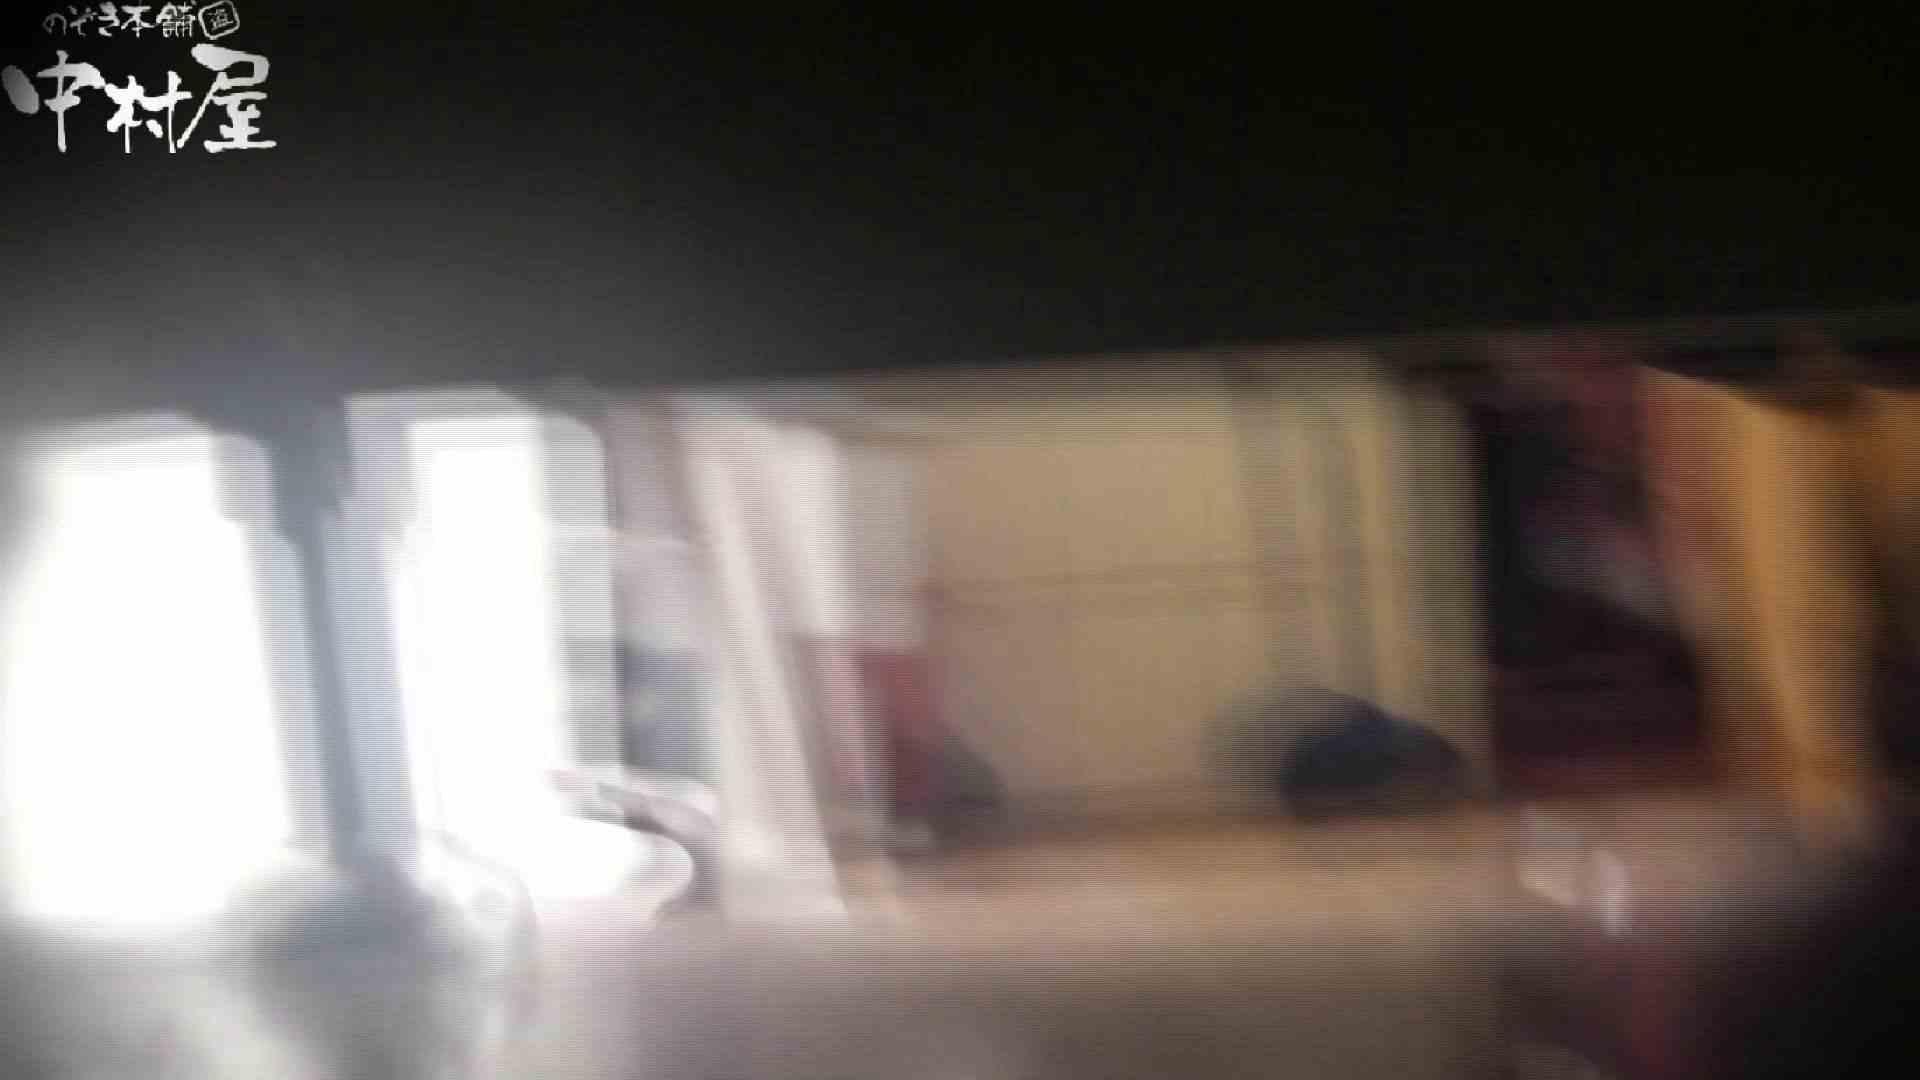 世界の射窓から vol.43 ソーニュー 後編 洗面所 | HなOL  62pic 60